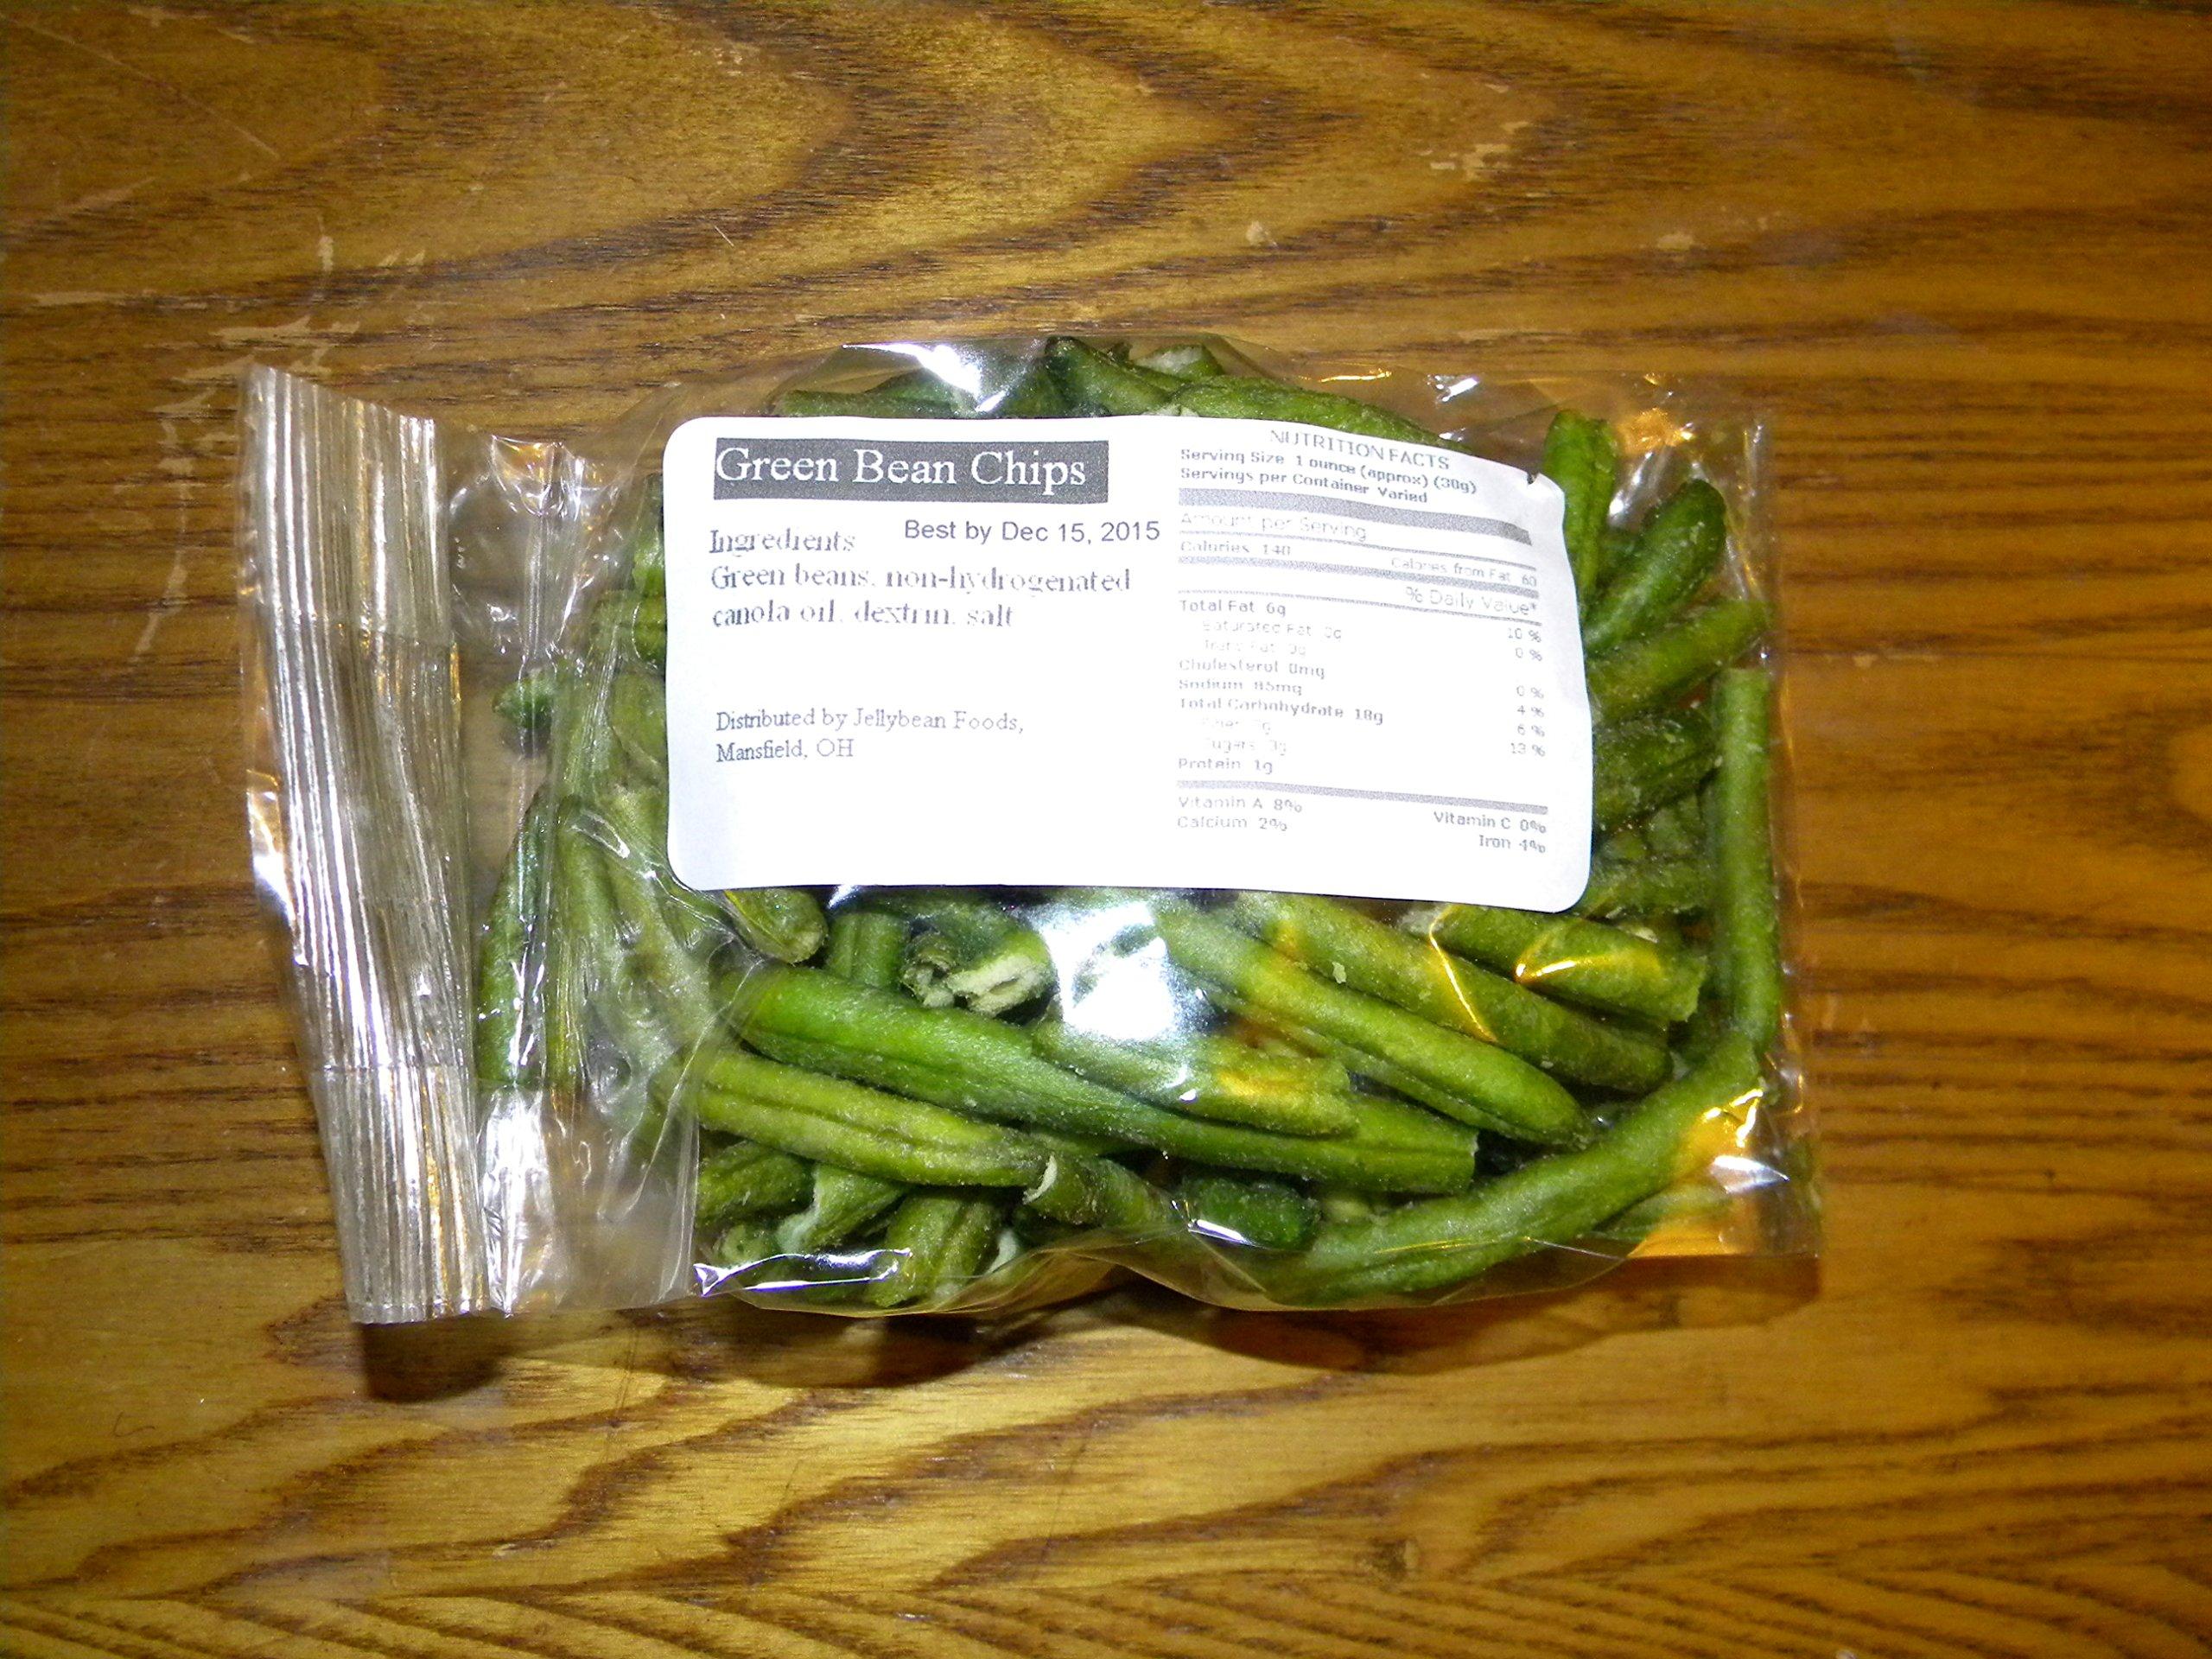 Green Bean Chips (1 LB)